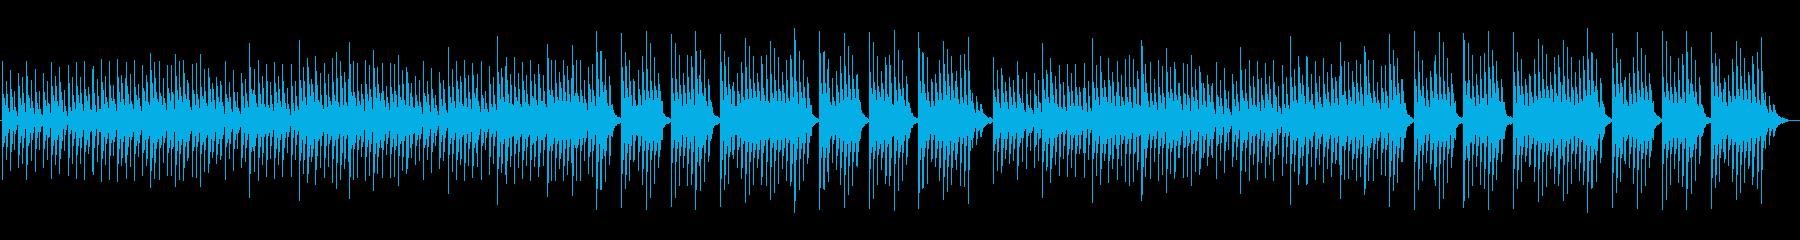 神秘的で幻想的なファミコン風BGMの再生済みの波形